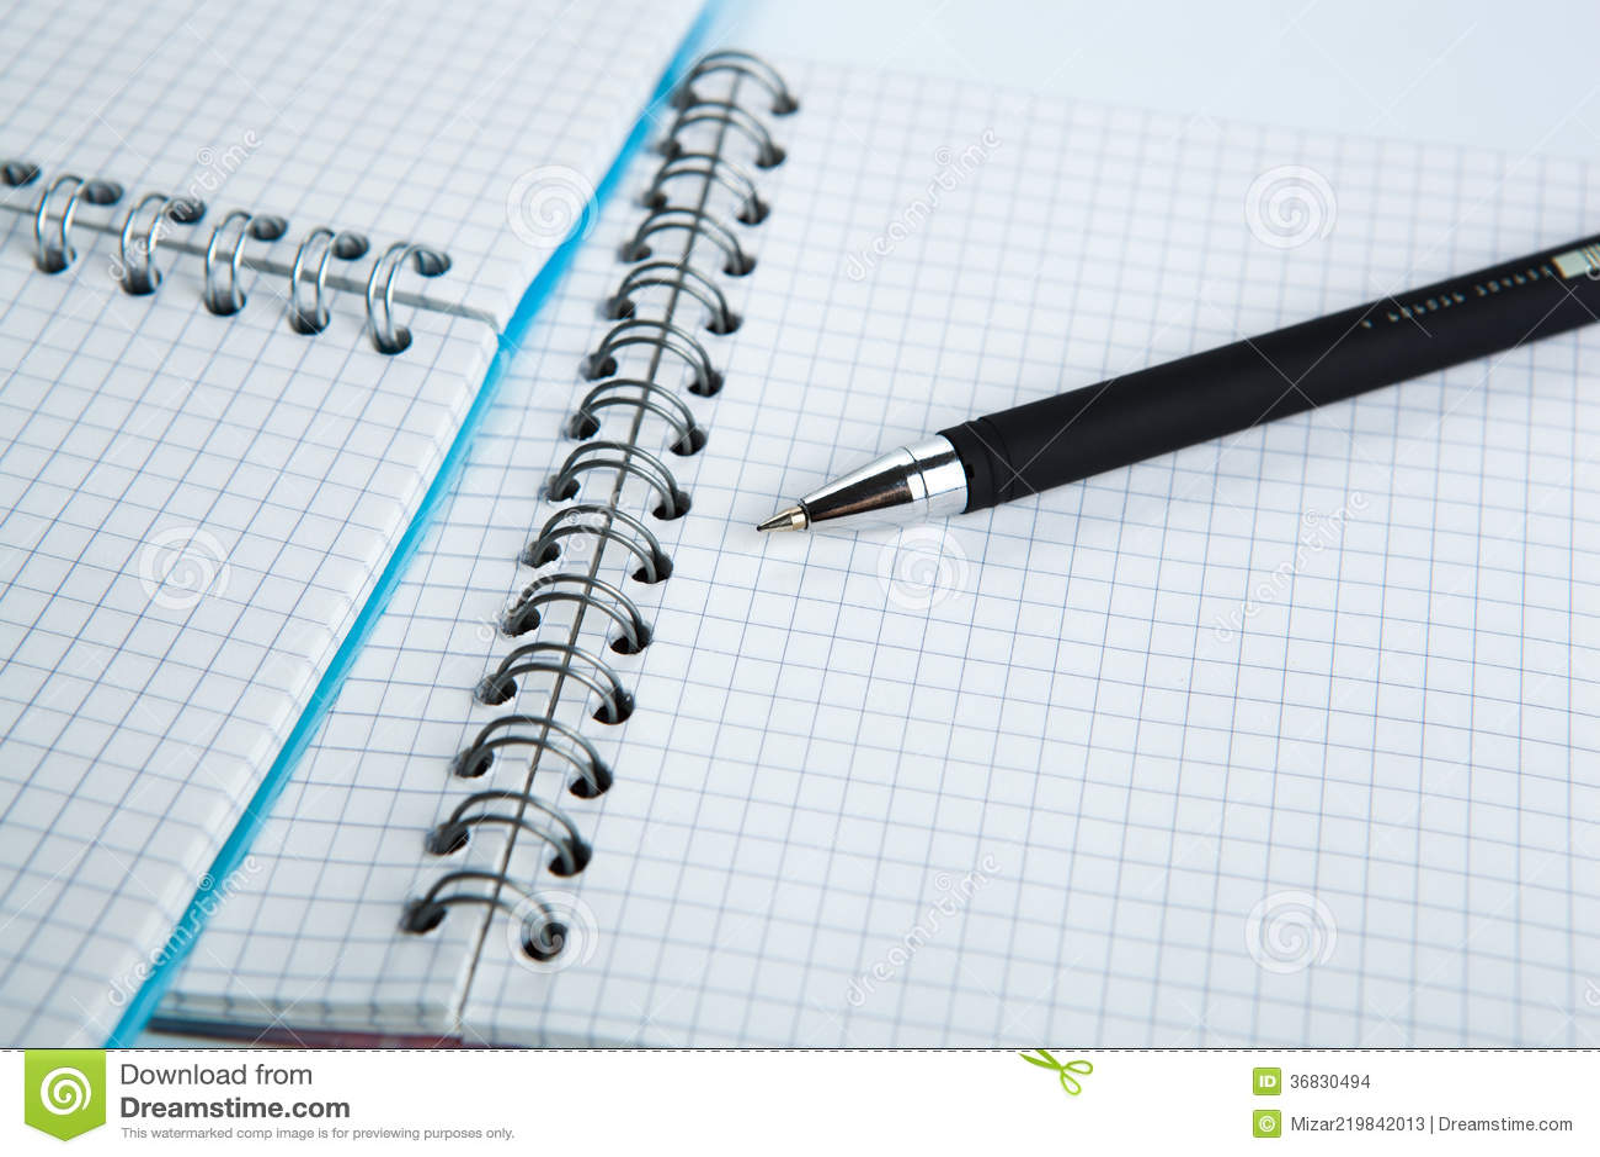 stylo sur le carnet de papier carreaux. Black Bedroom Furniture Sets. Home Design Ideas